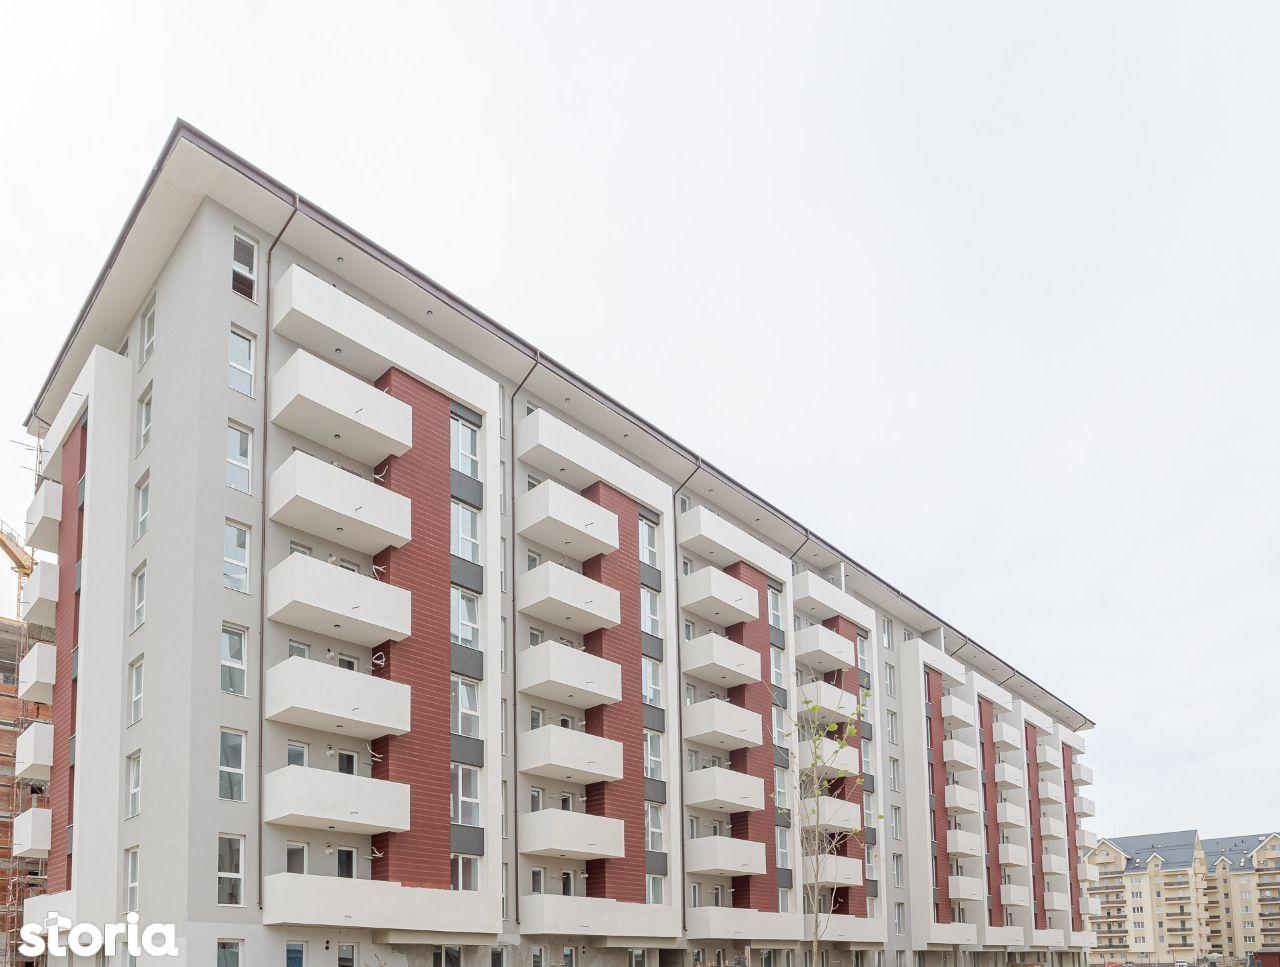 Apartament 3 camere, etaj intermediar la 700 m de statia de metrou